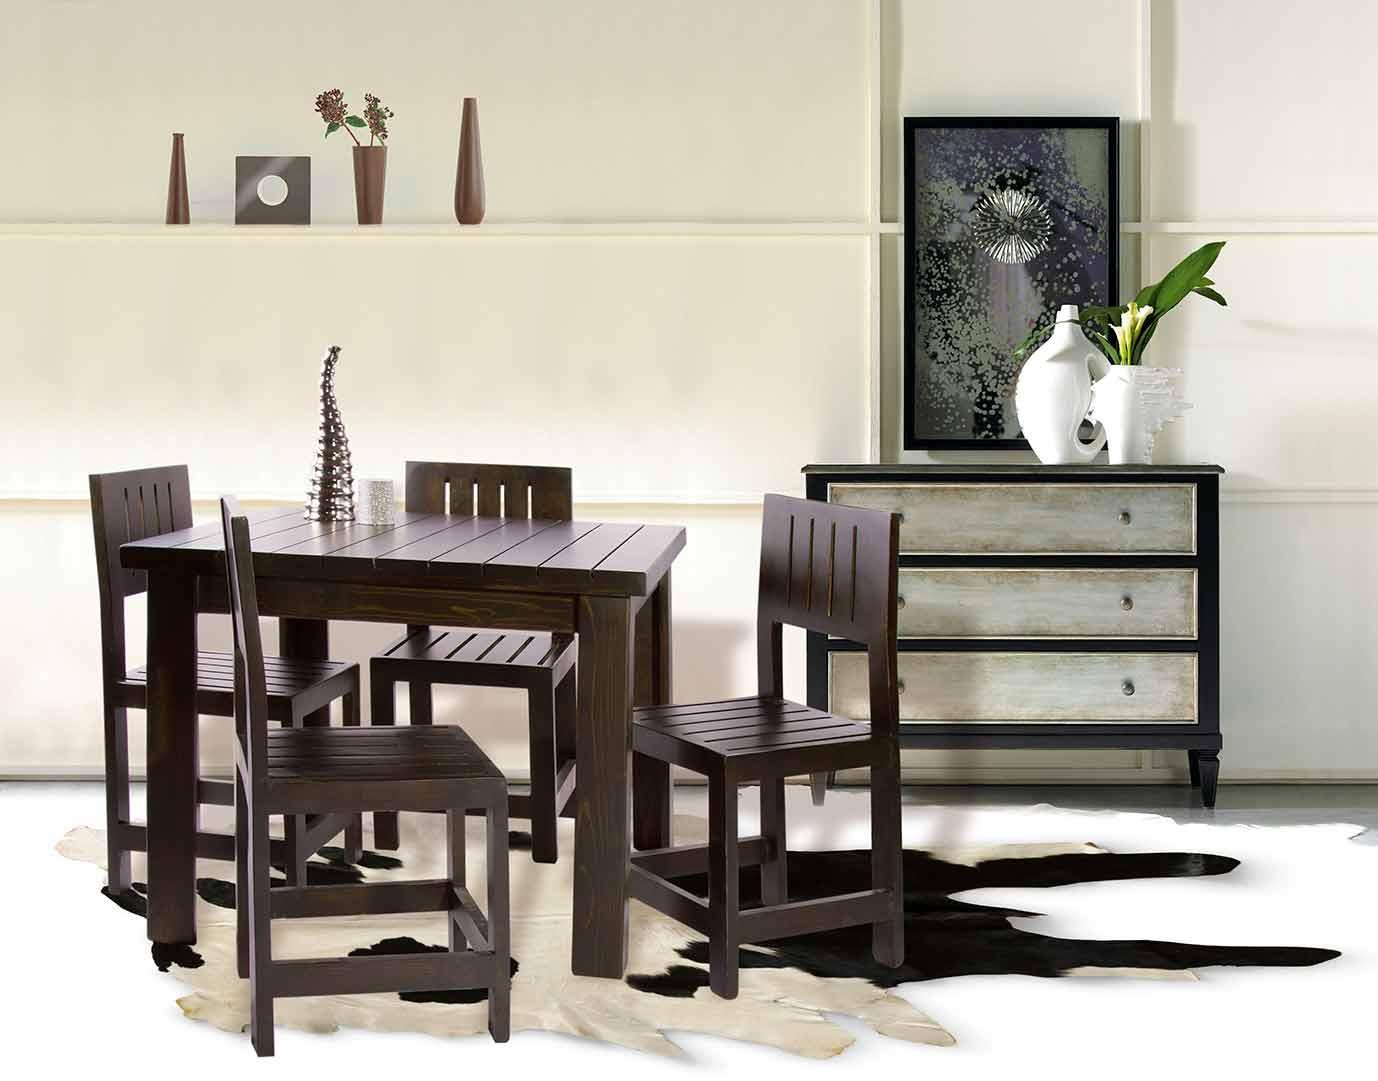 از نمونه محصولات ما در سایت عاج دیدن فرمائید.<br/>گروه تولیدی ، صنعتي عاج با تولید وپخش انواع میز و صند لی های تمام چوب متناسب با فضاهای باز و رطوبتی و وی buy-sell home-kitchen table-chairs